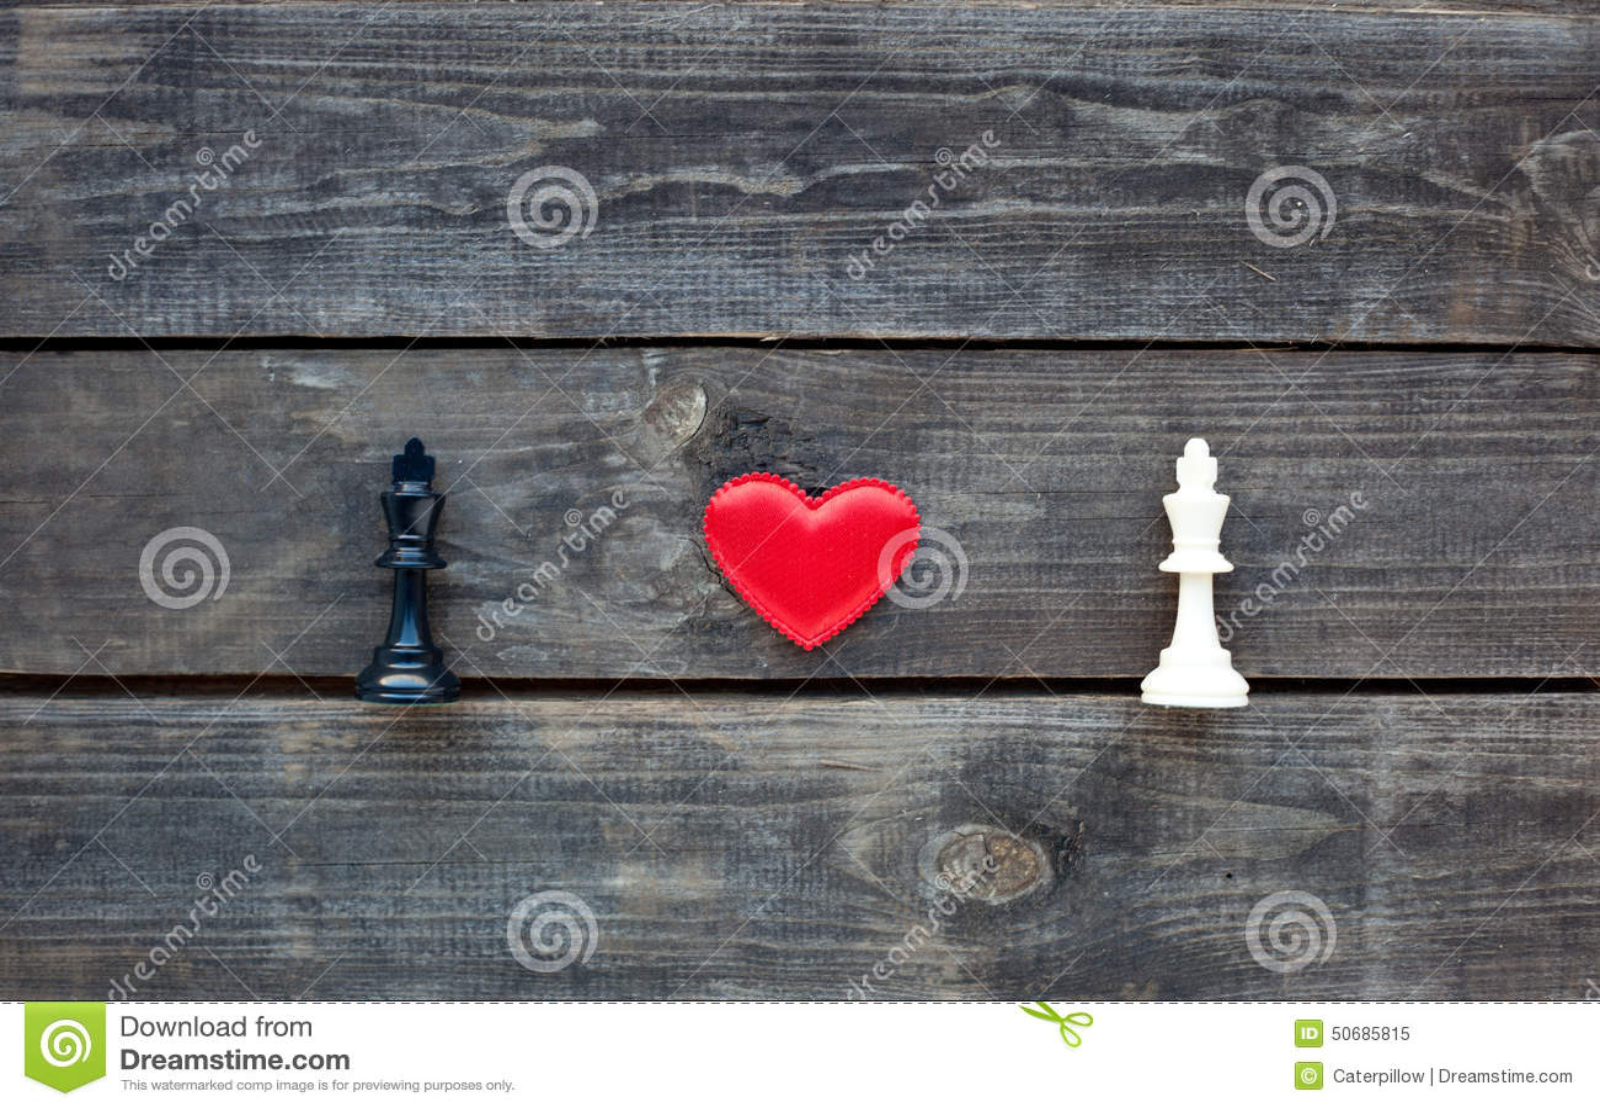 Download 在两位棋国王之间的红色心脏土气木头的 库存图片. 图片 包括有 选择, 形状, 土气, 板条, 对象, 重点 - 50685815